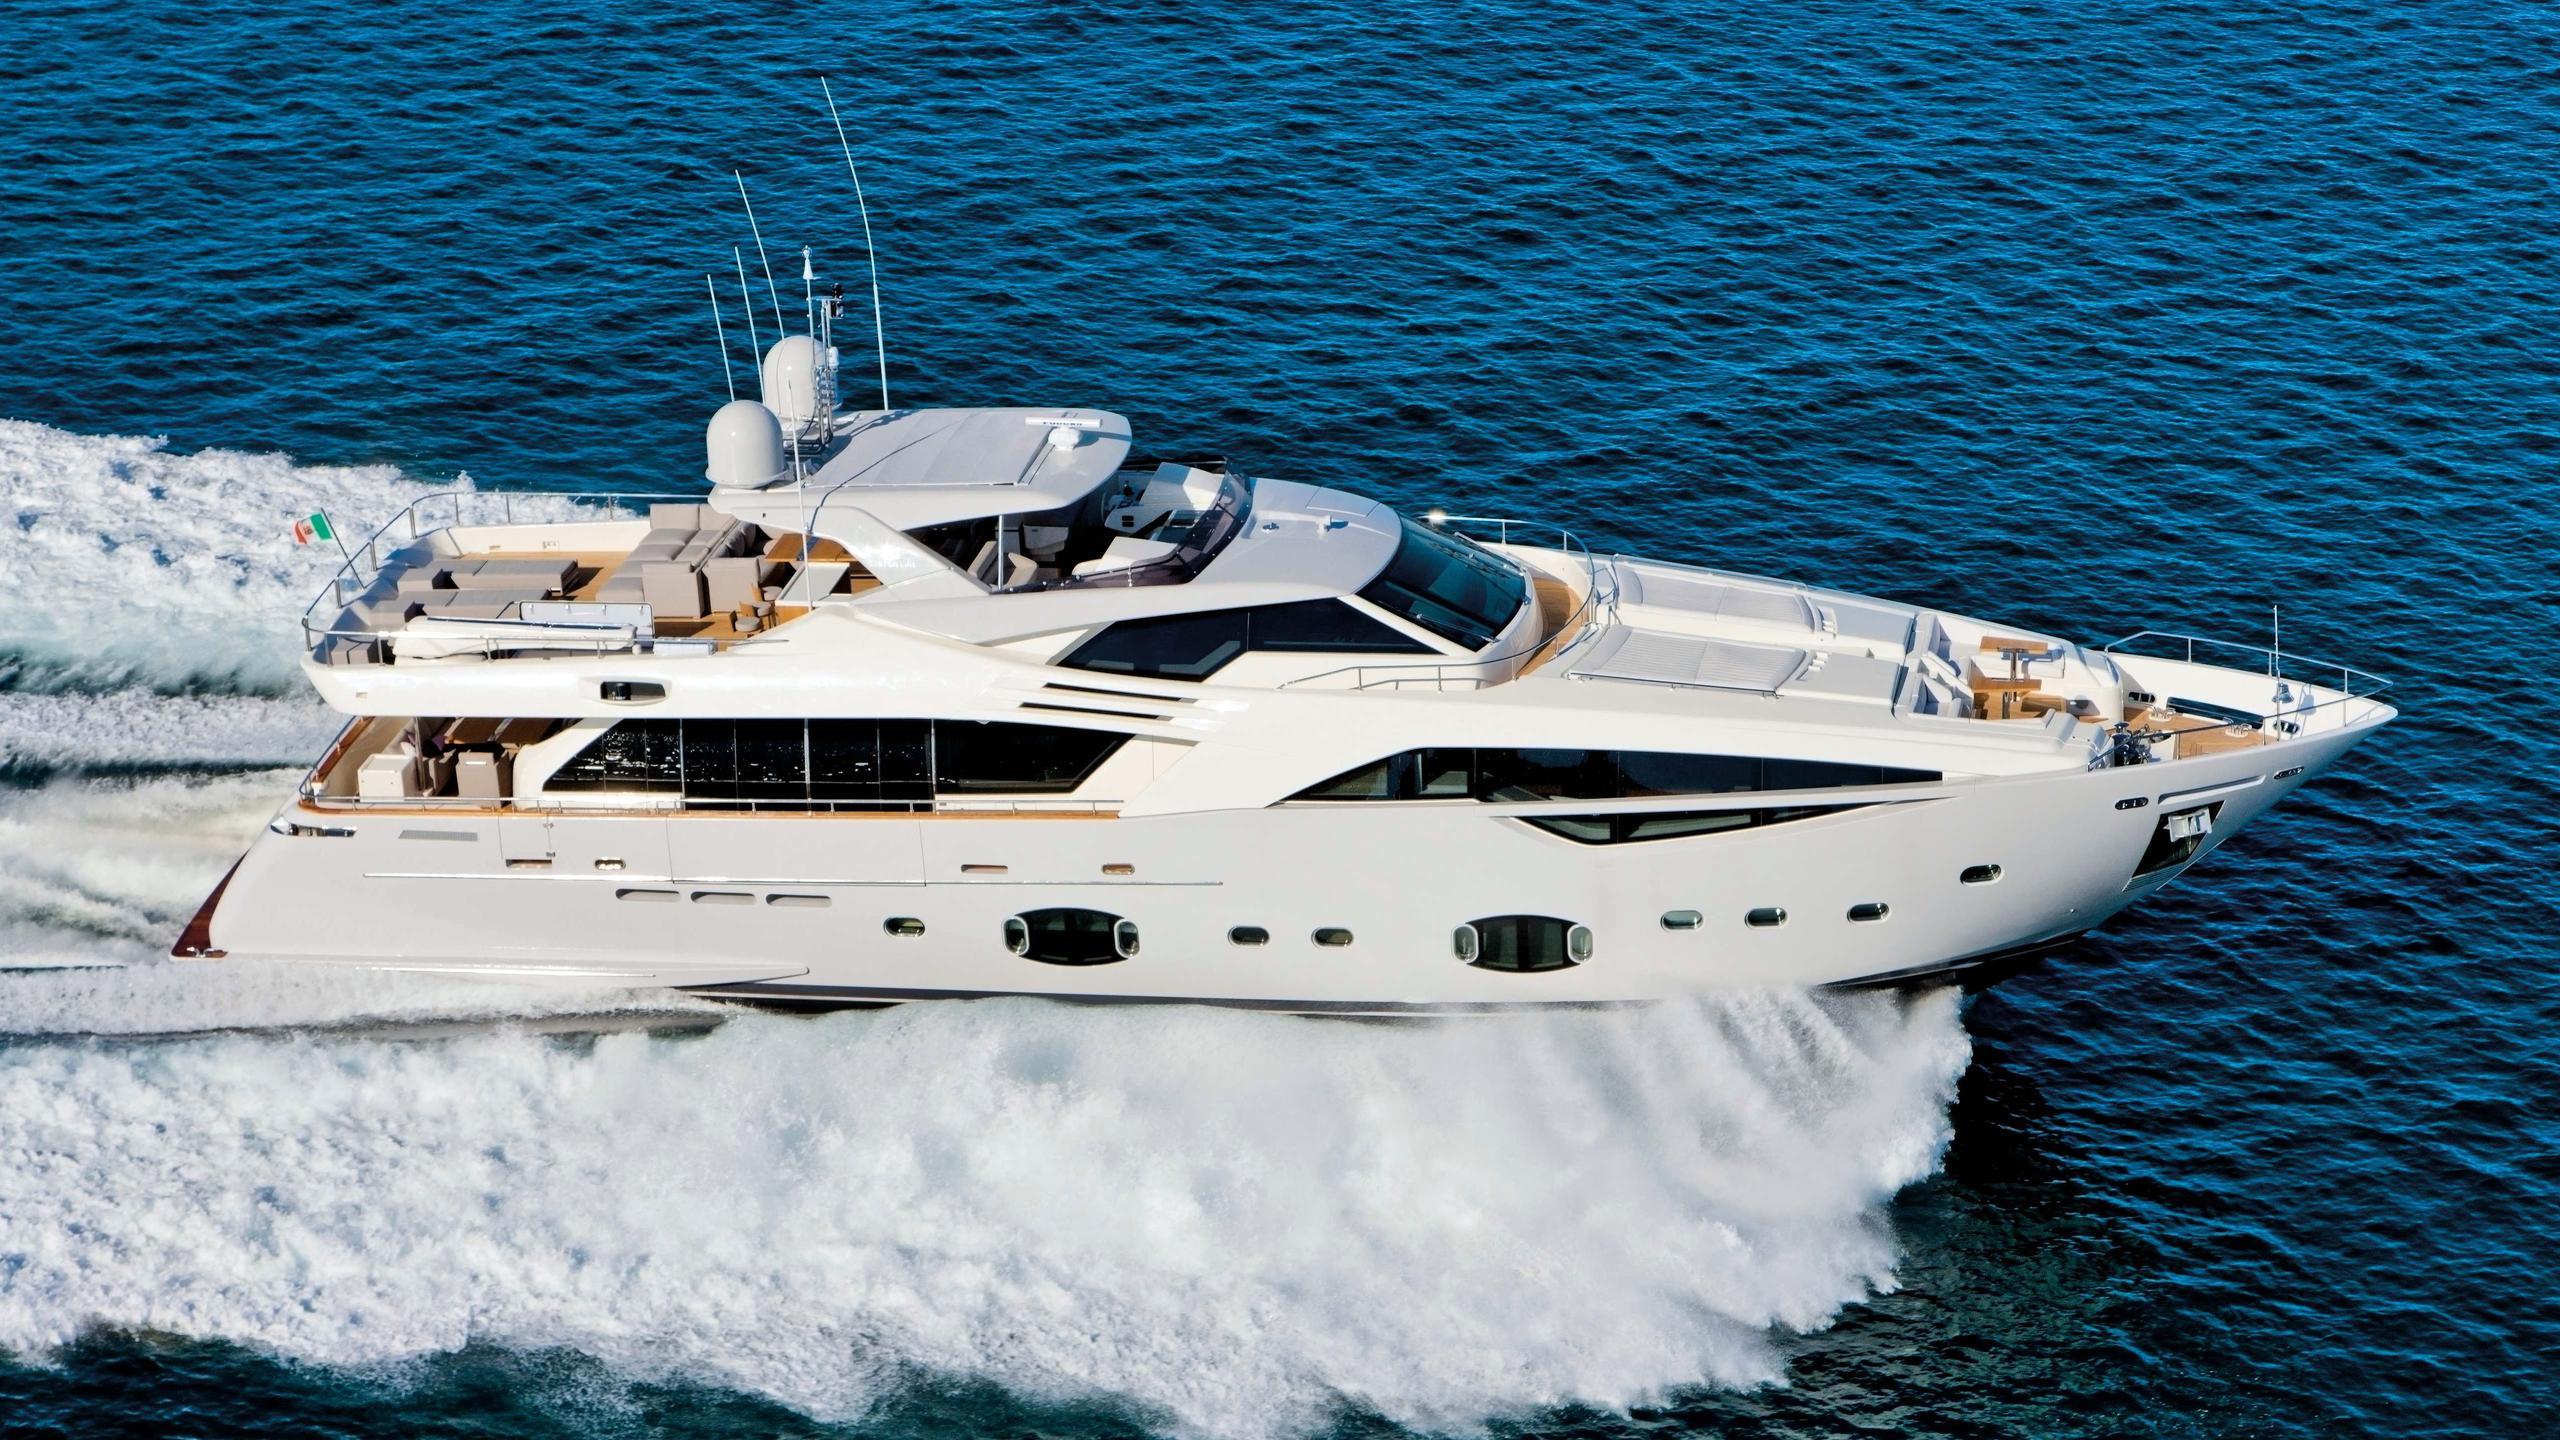 custom-line-100-12-motor-yacht-ferretti-2014-31m-aerial